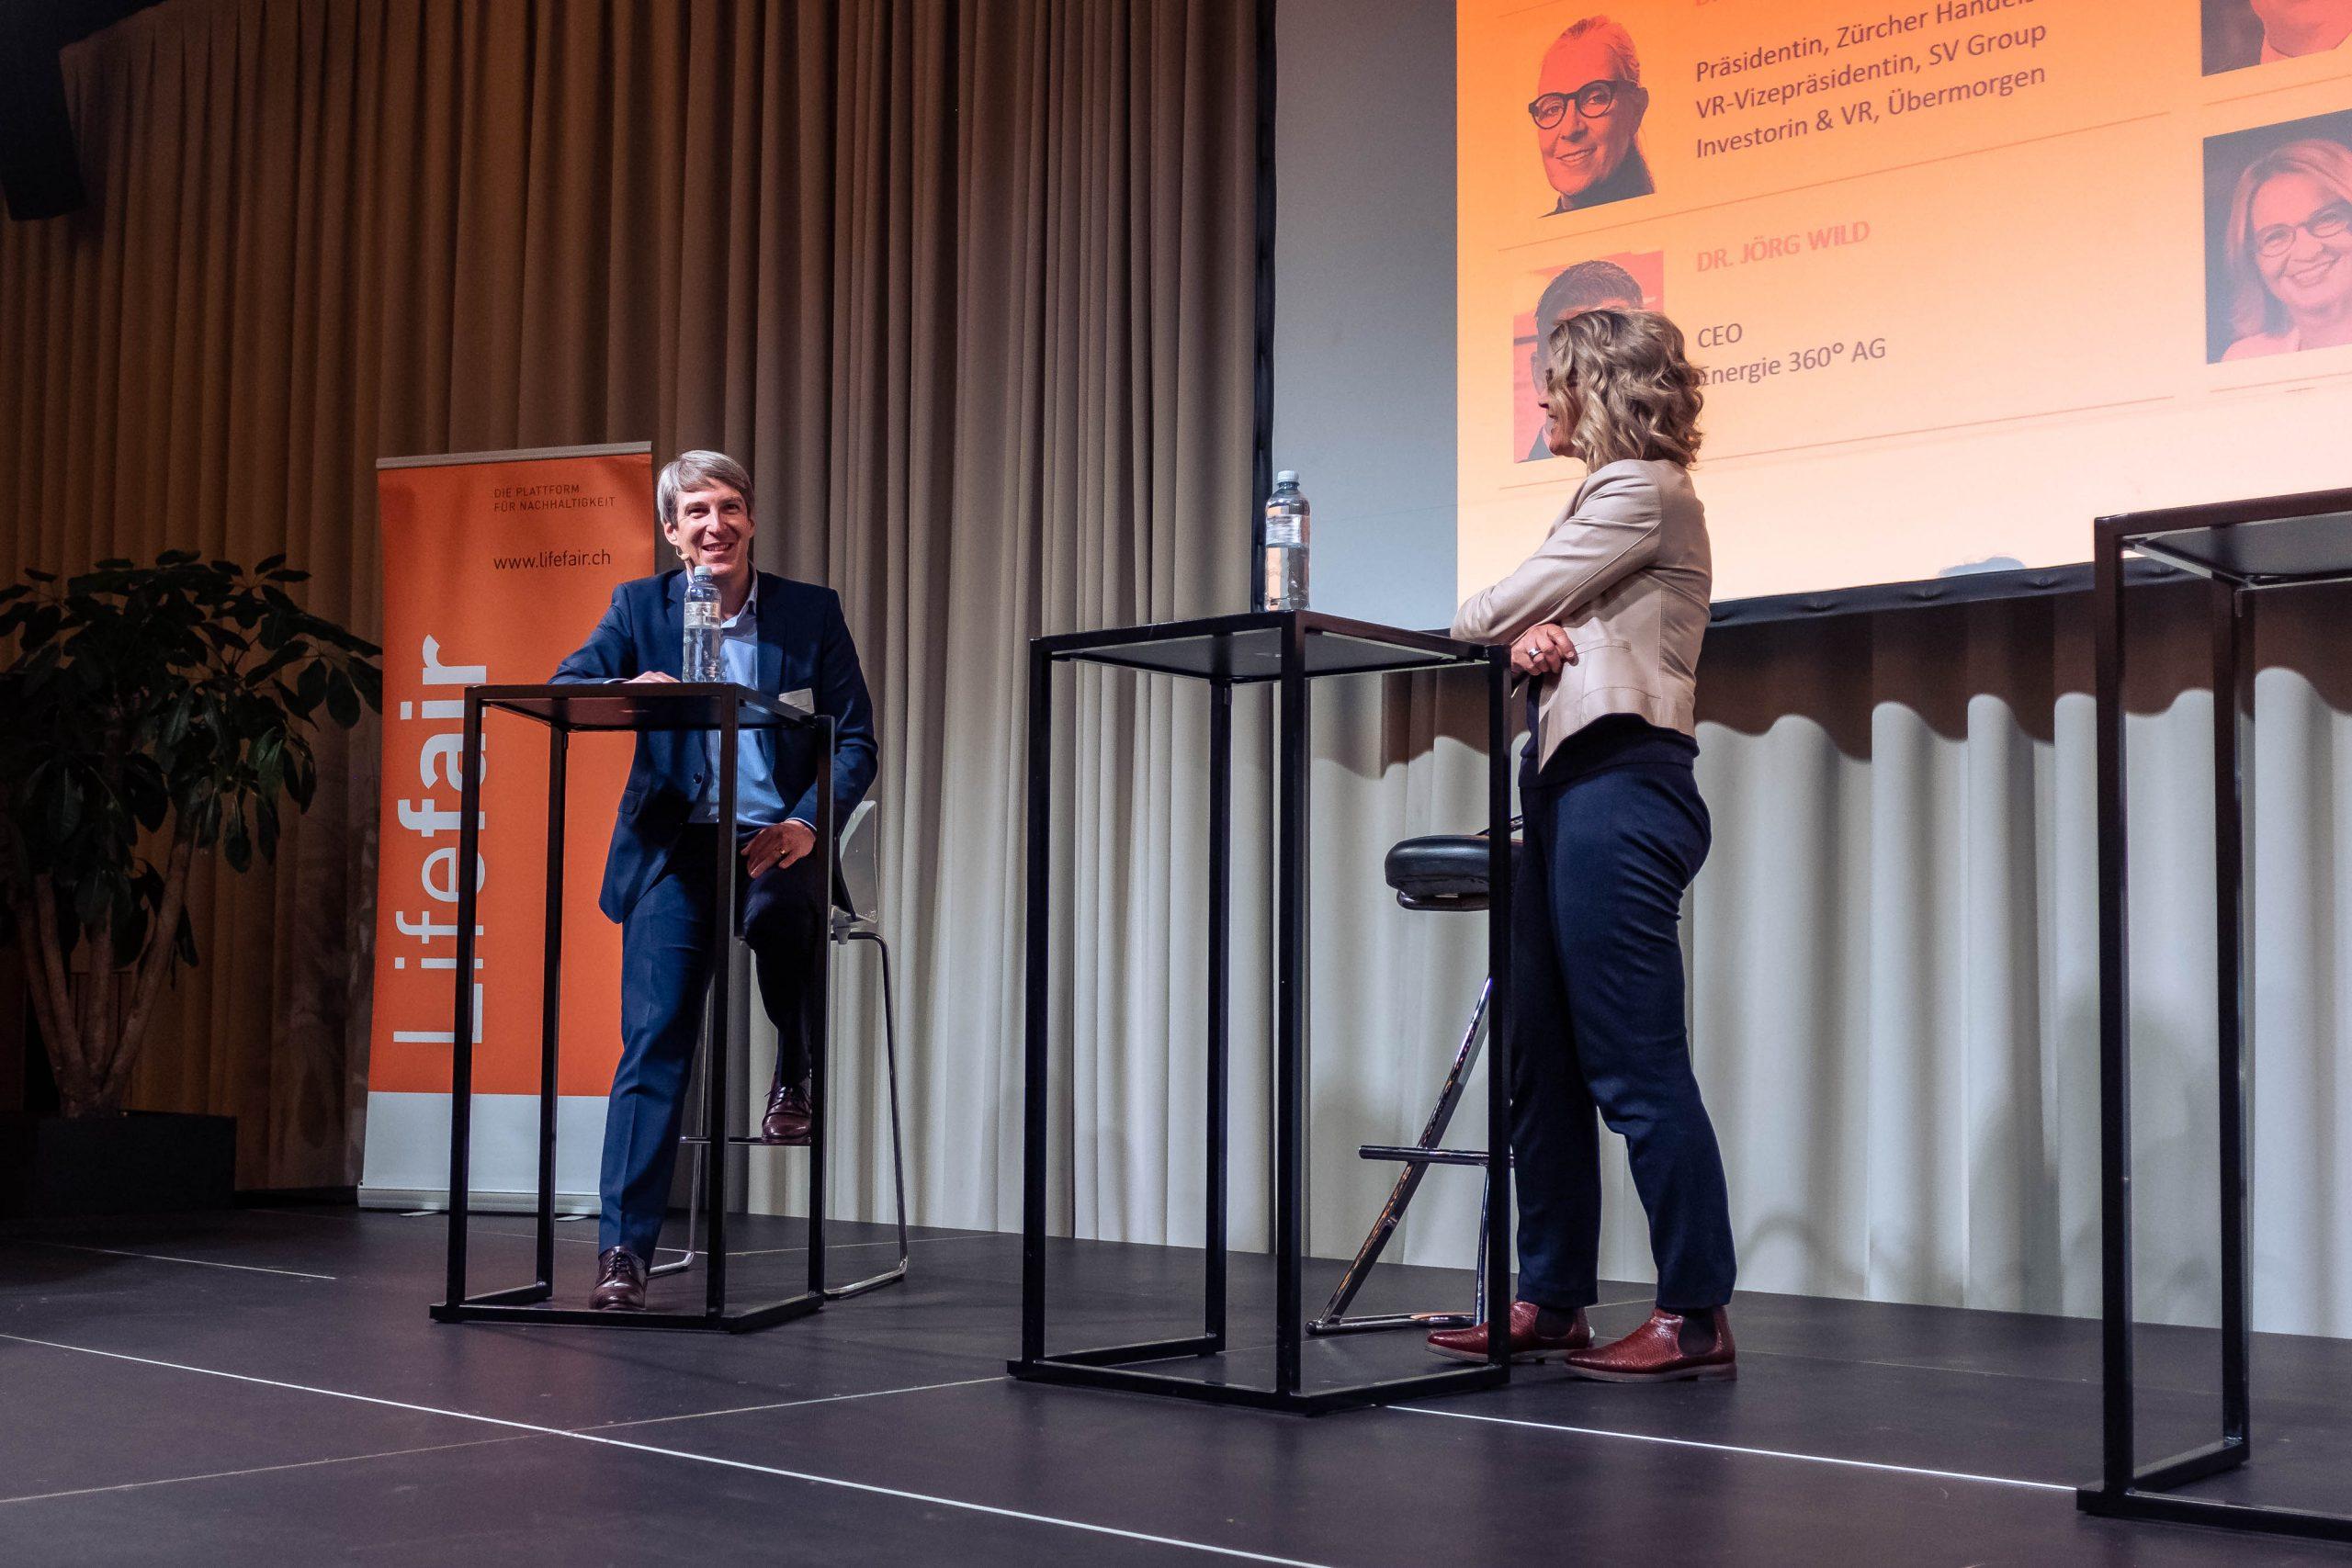 LF40, Bernard Germanier, Geschäftsführer & Leiter Services Quickpac, und Moderatorin Sonja Hasler, SRF